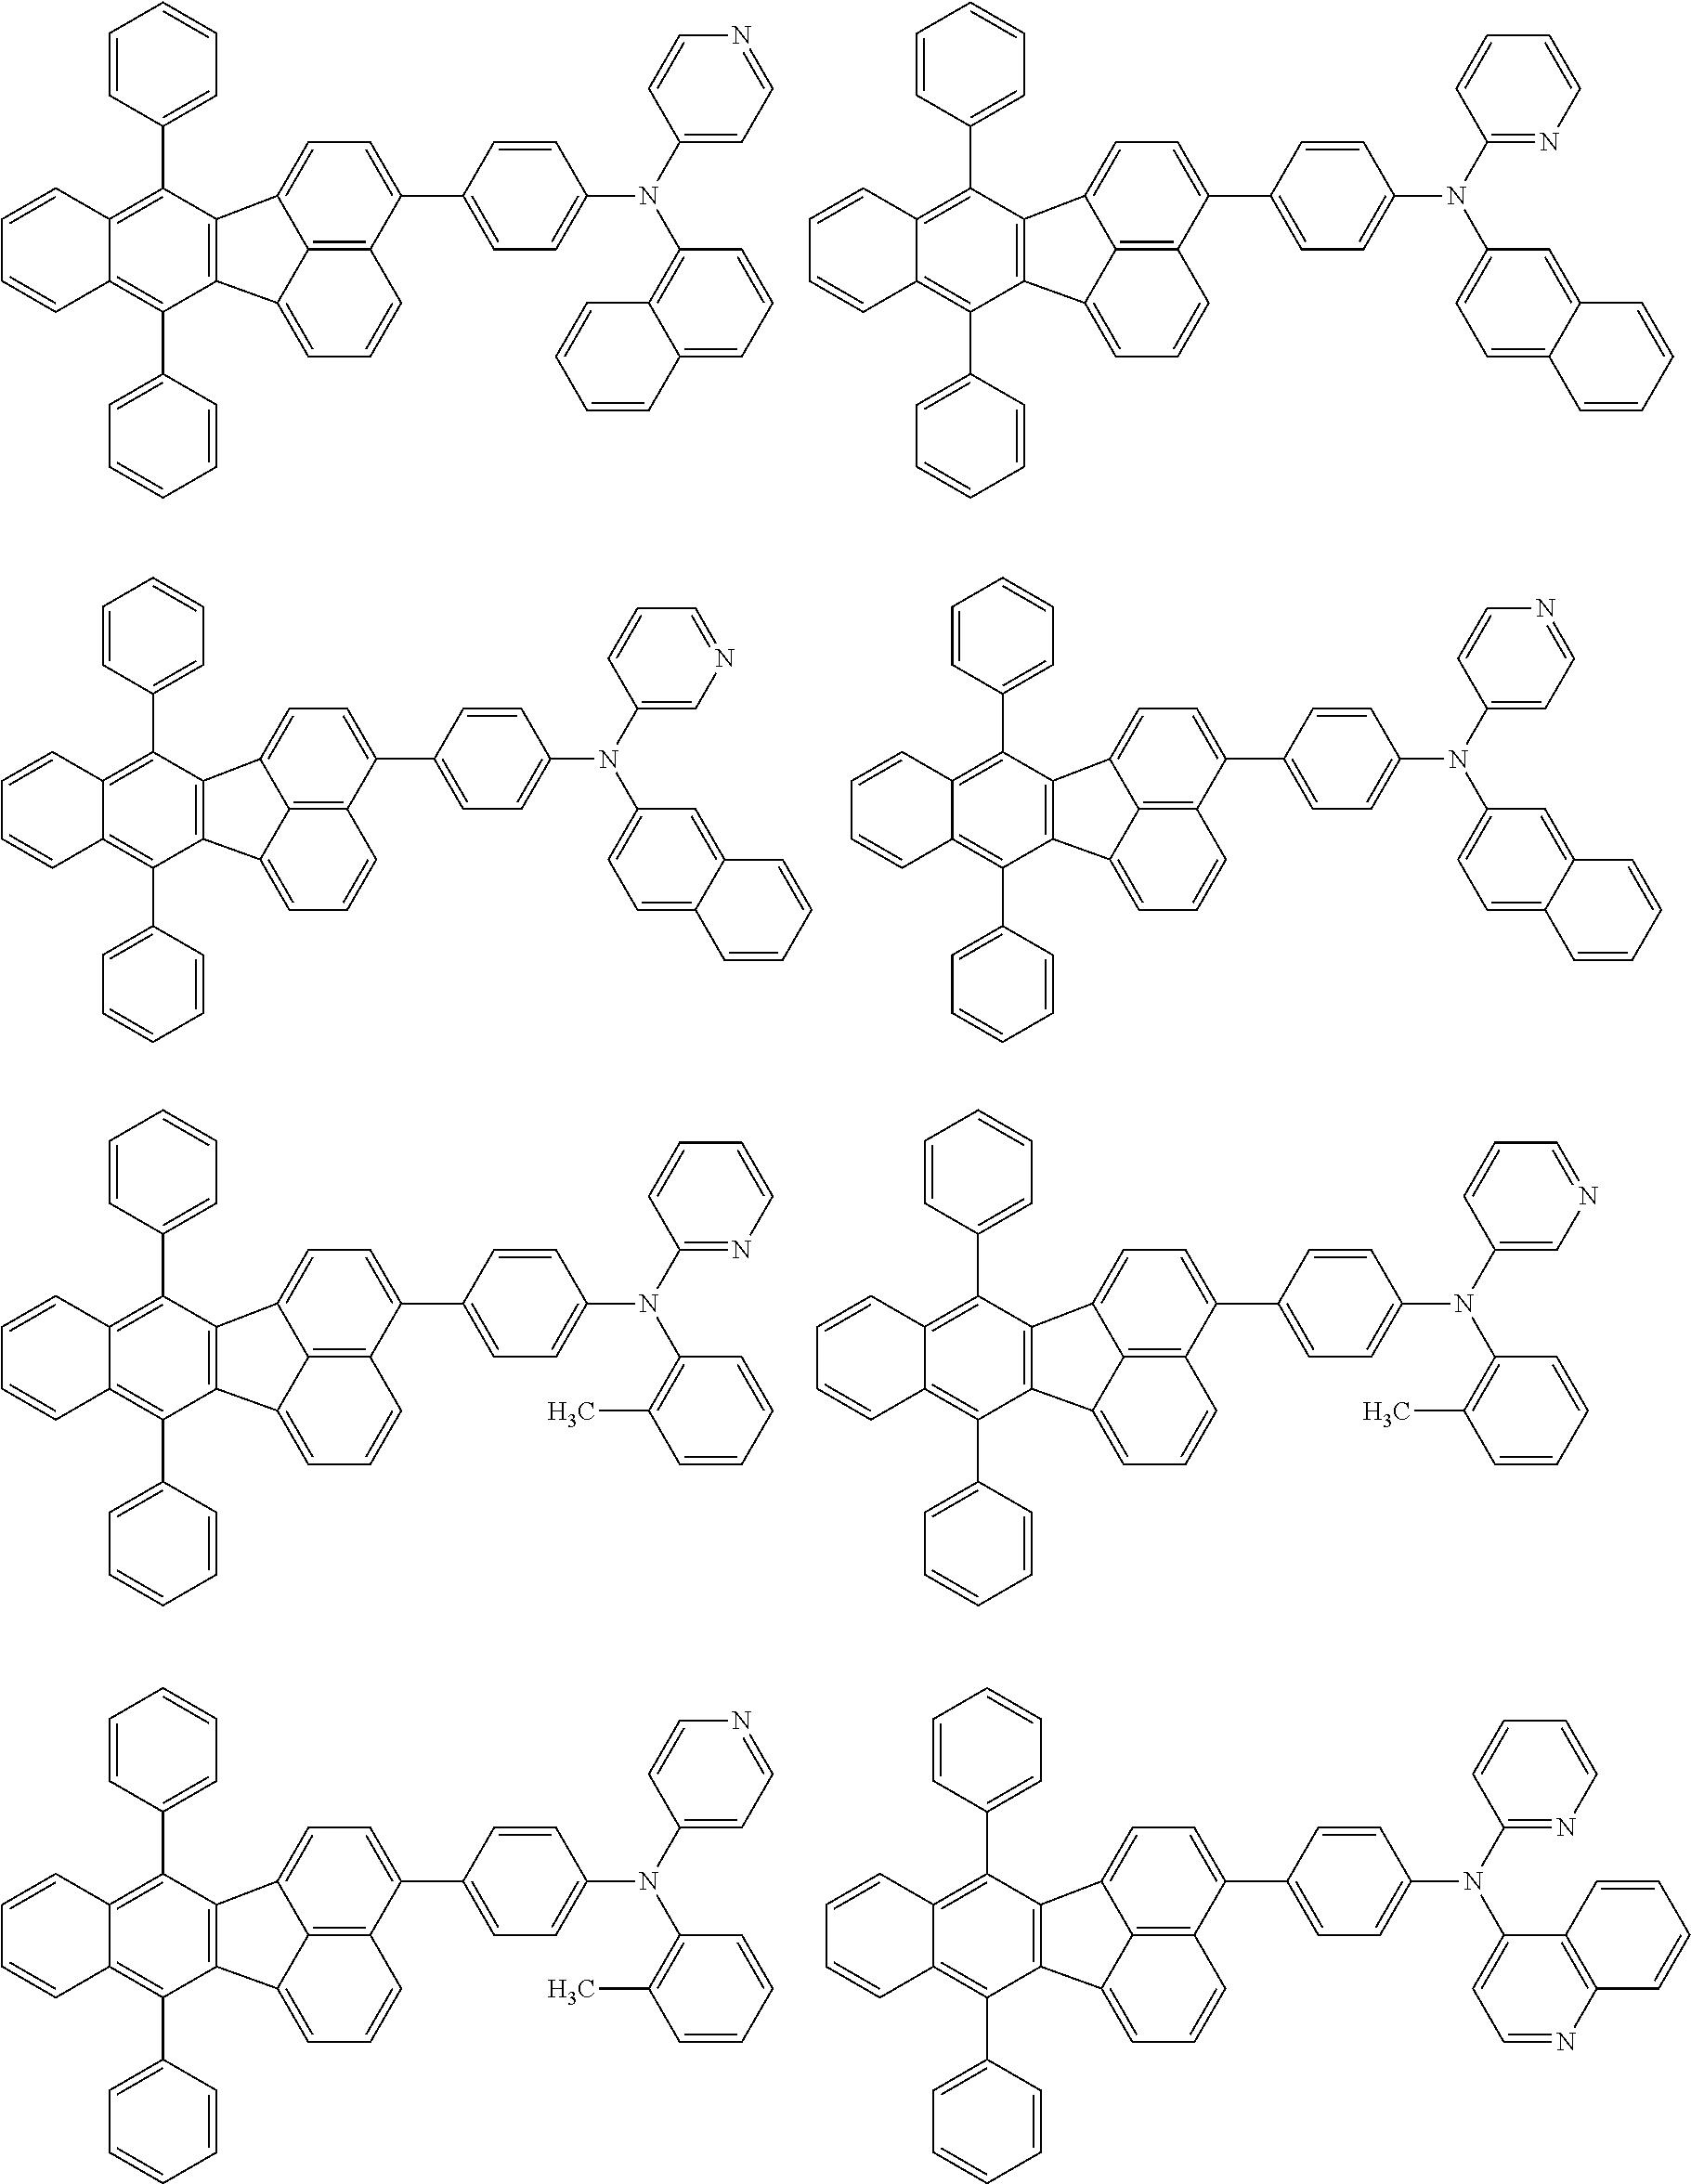 Figure US20150280139A1-20151001-C00052